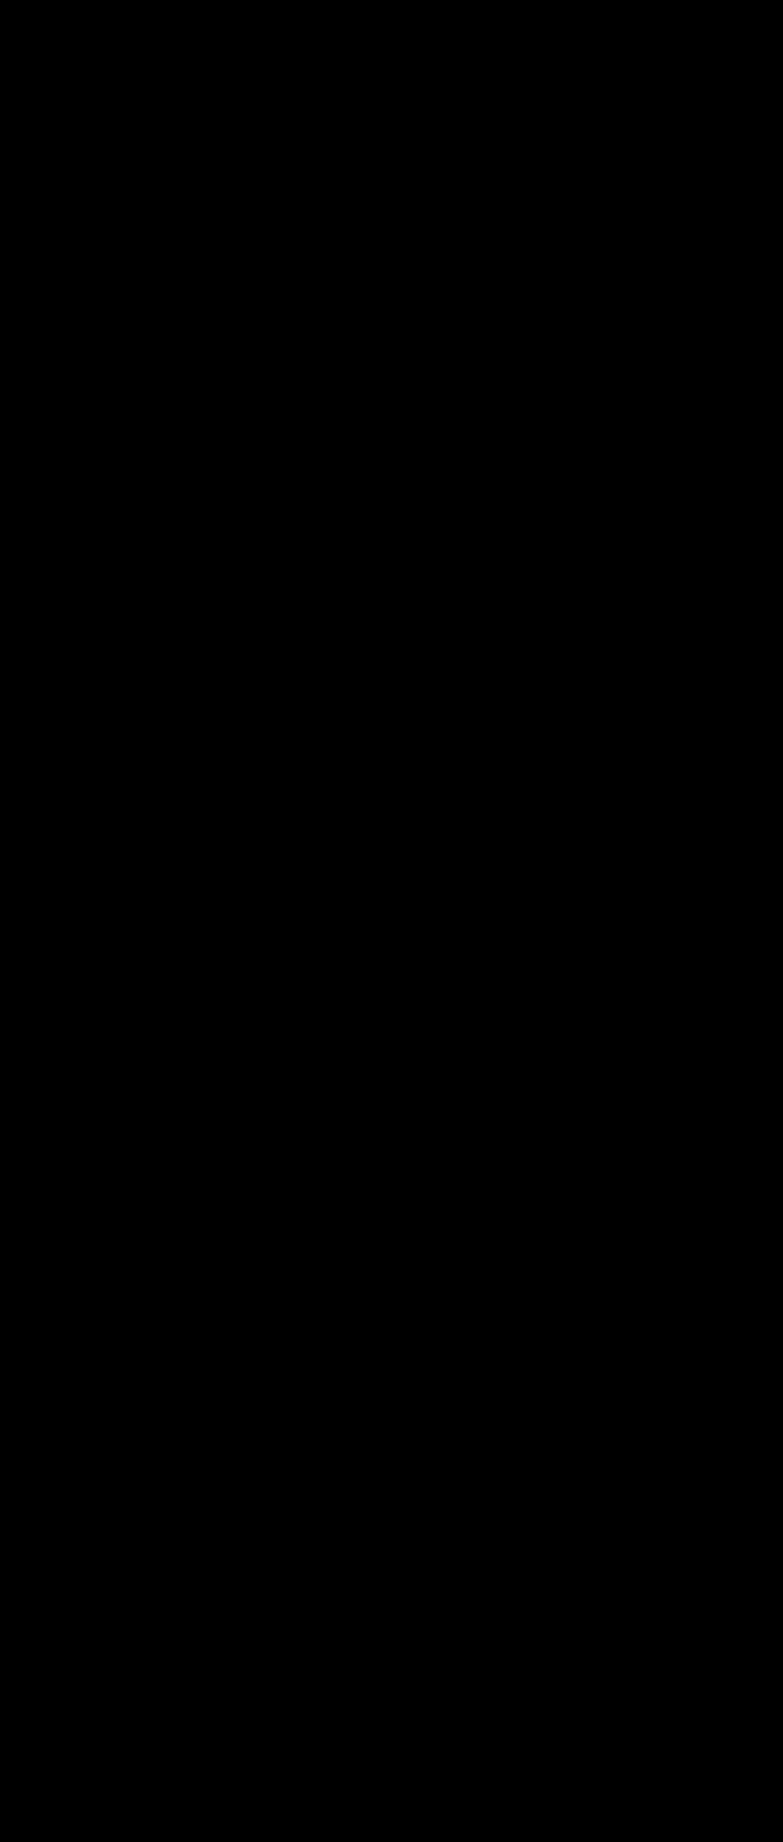 Иллюстрация форма человек черный в стиле  в PNG и SVG | Icons8 Иллюстрации